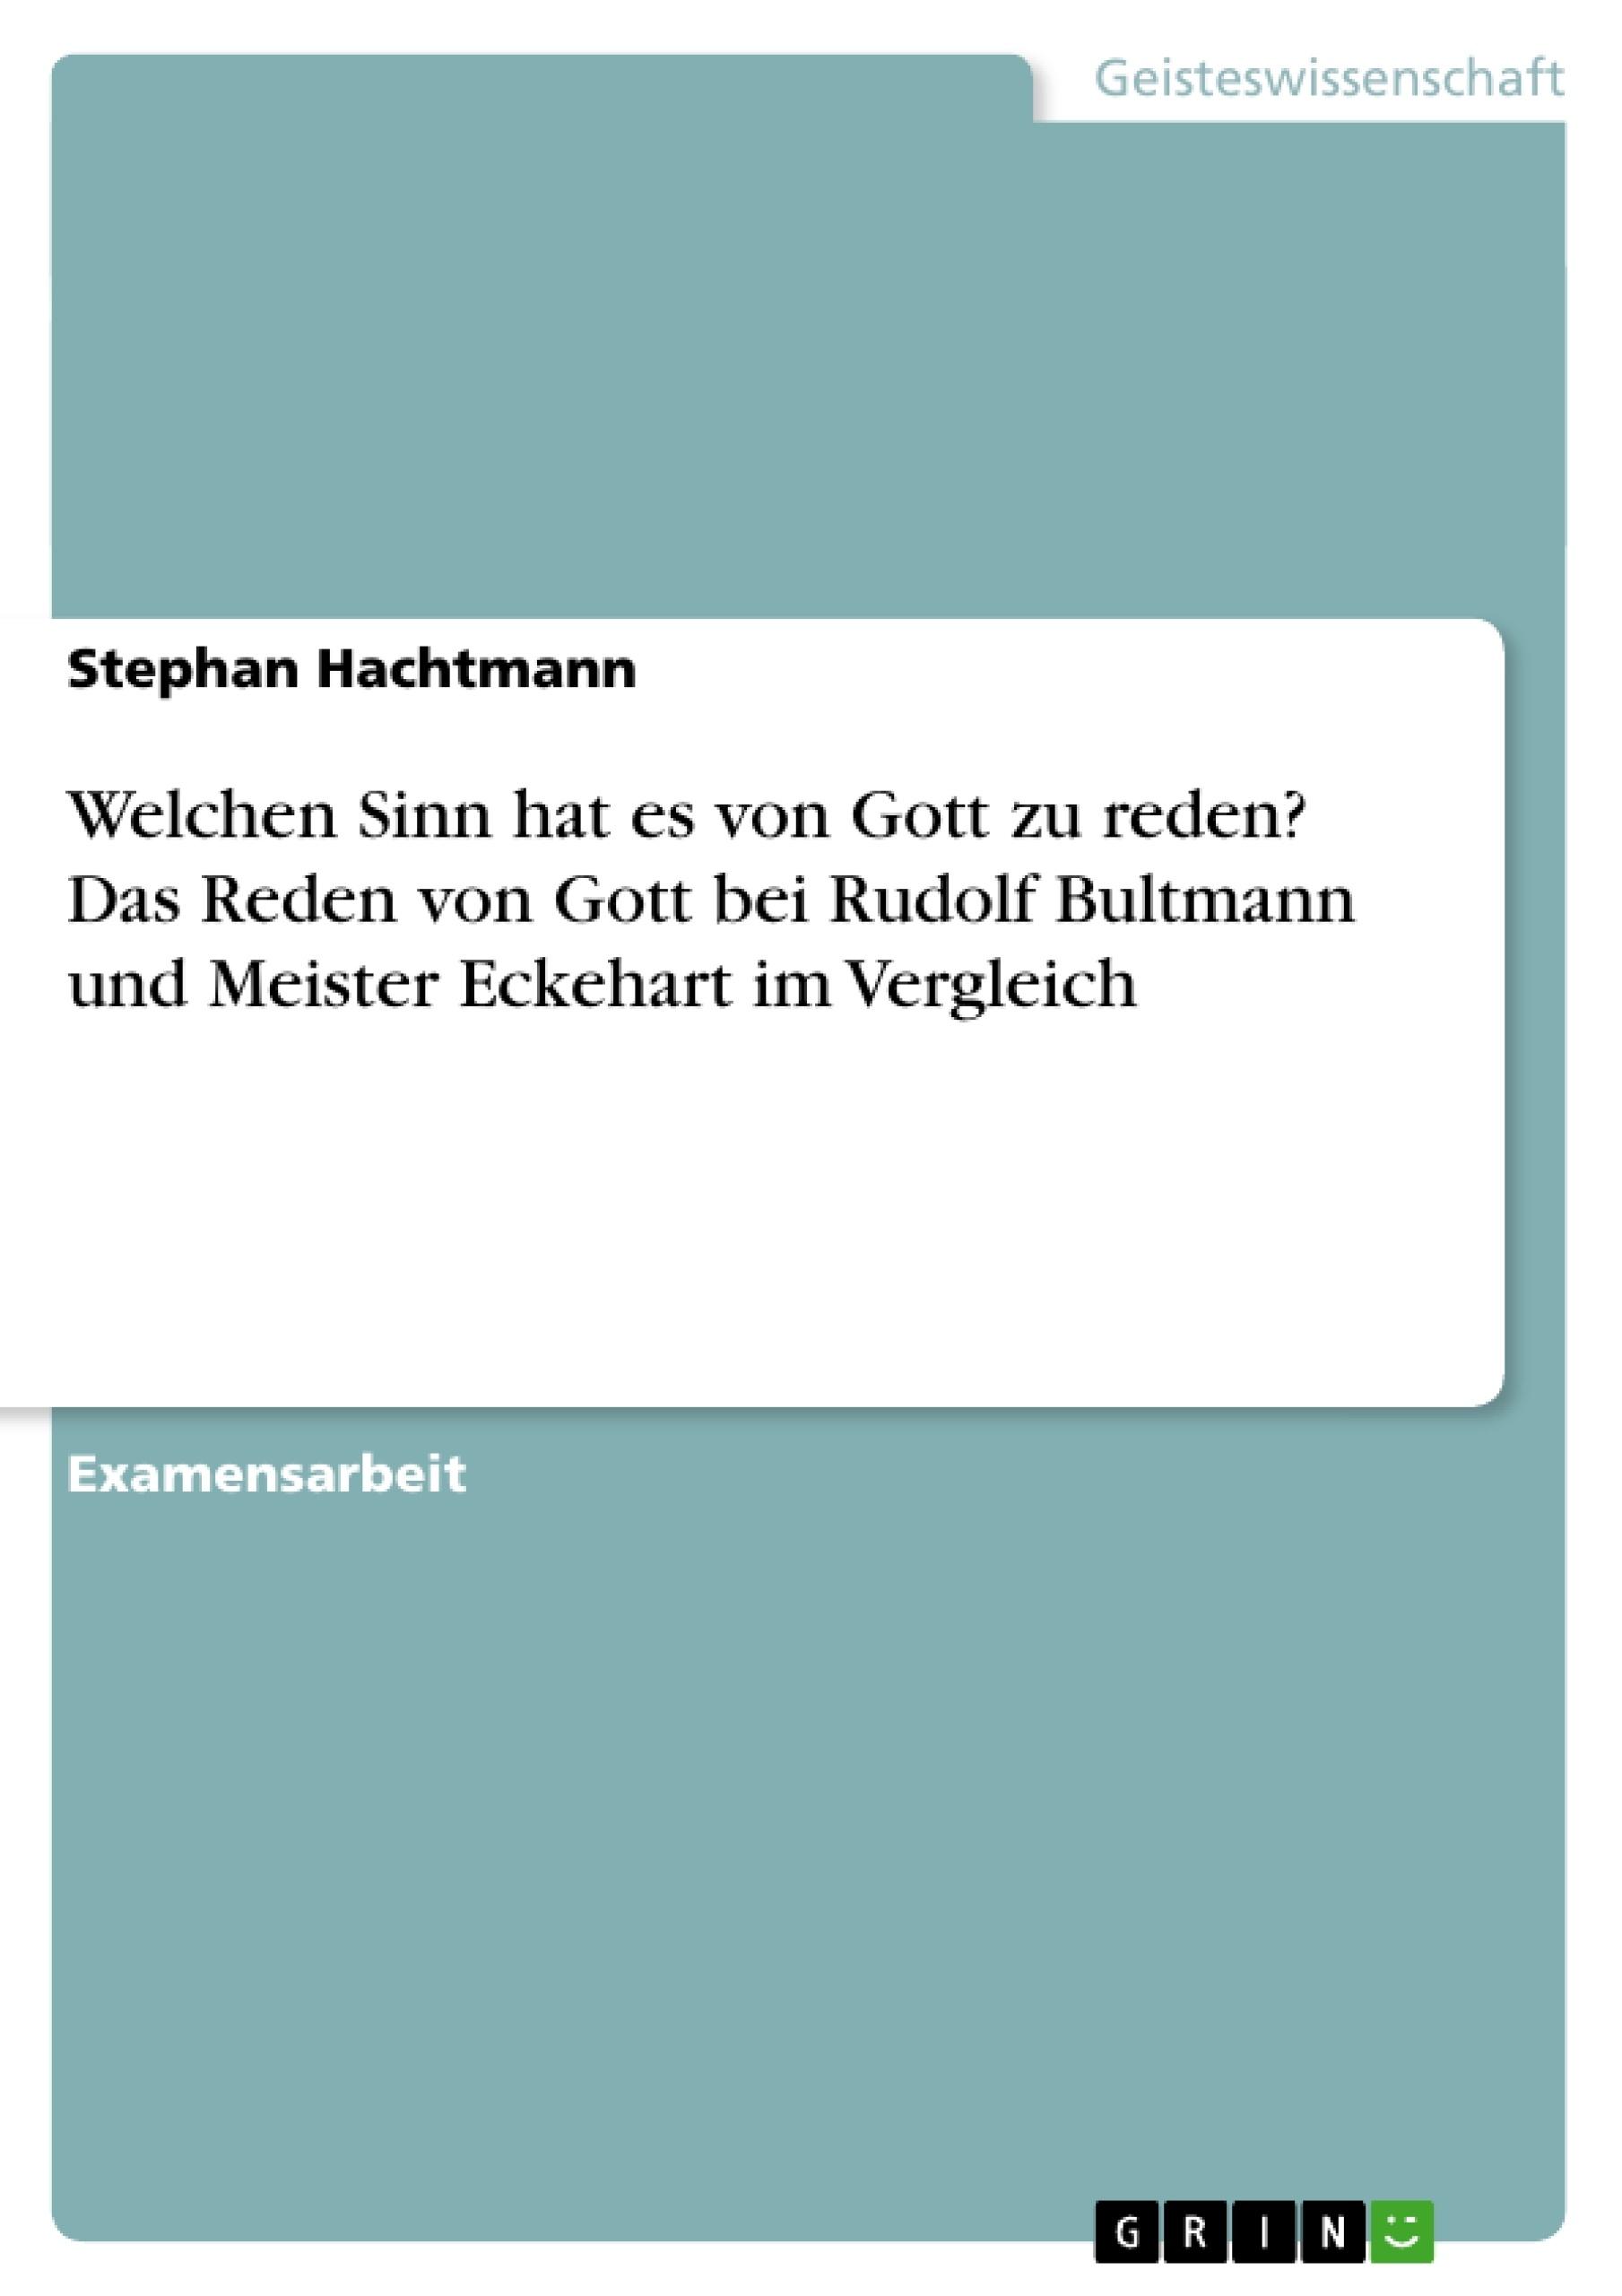 Titel: Welchen Sinn hat es von Gott zu reden? Das Reden von Gott bei Rudolf Bultmann und Meister Eckehart im Vergleich